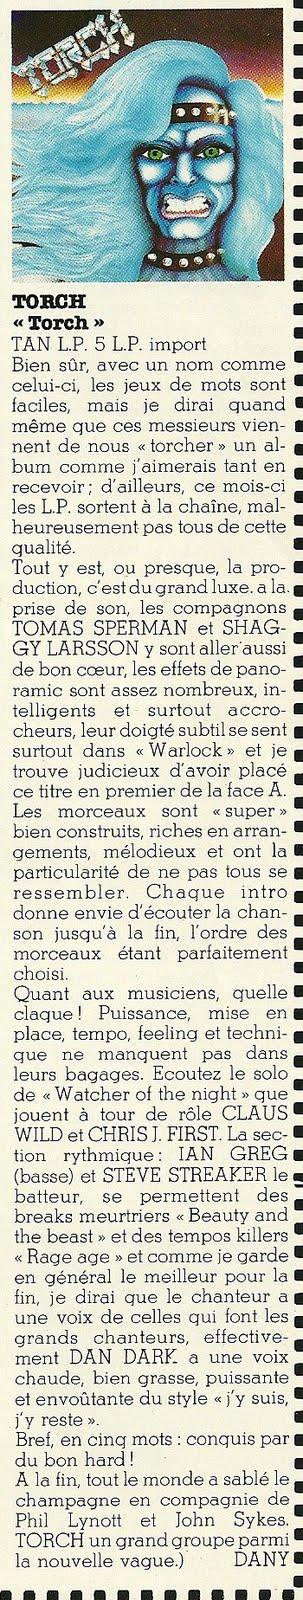 """TORCH 1er album (1984) Chronique """"Enfer Magazine"""" Décembre 1983 Numyri65"""